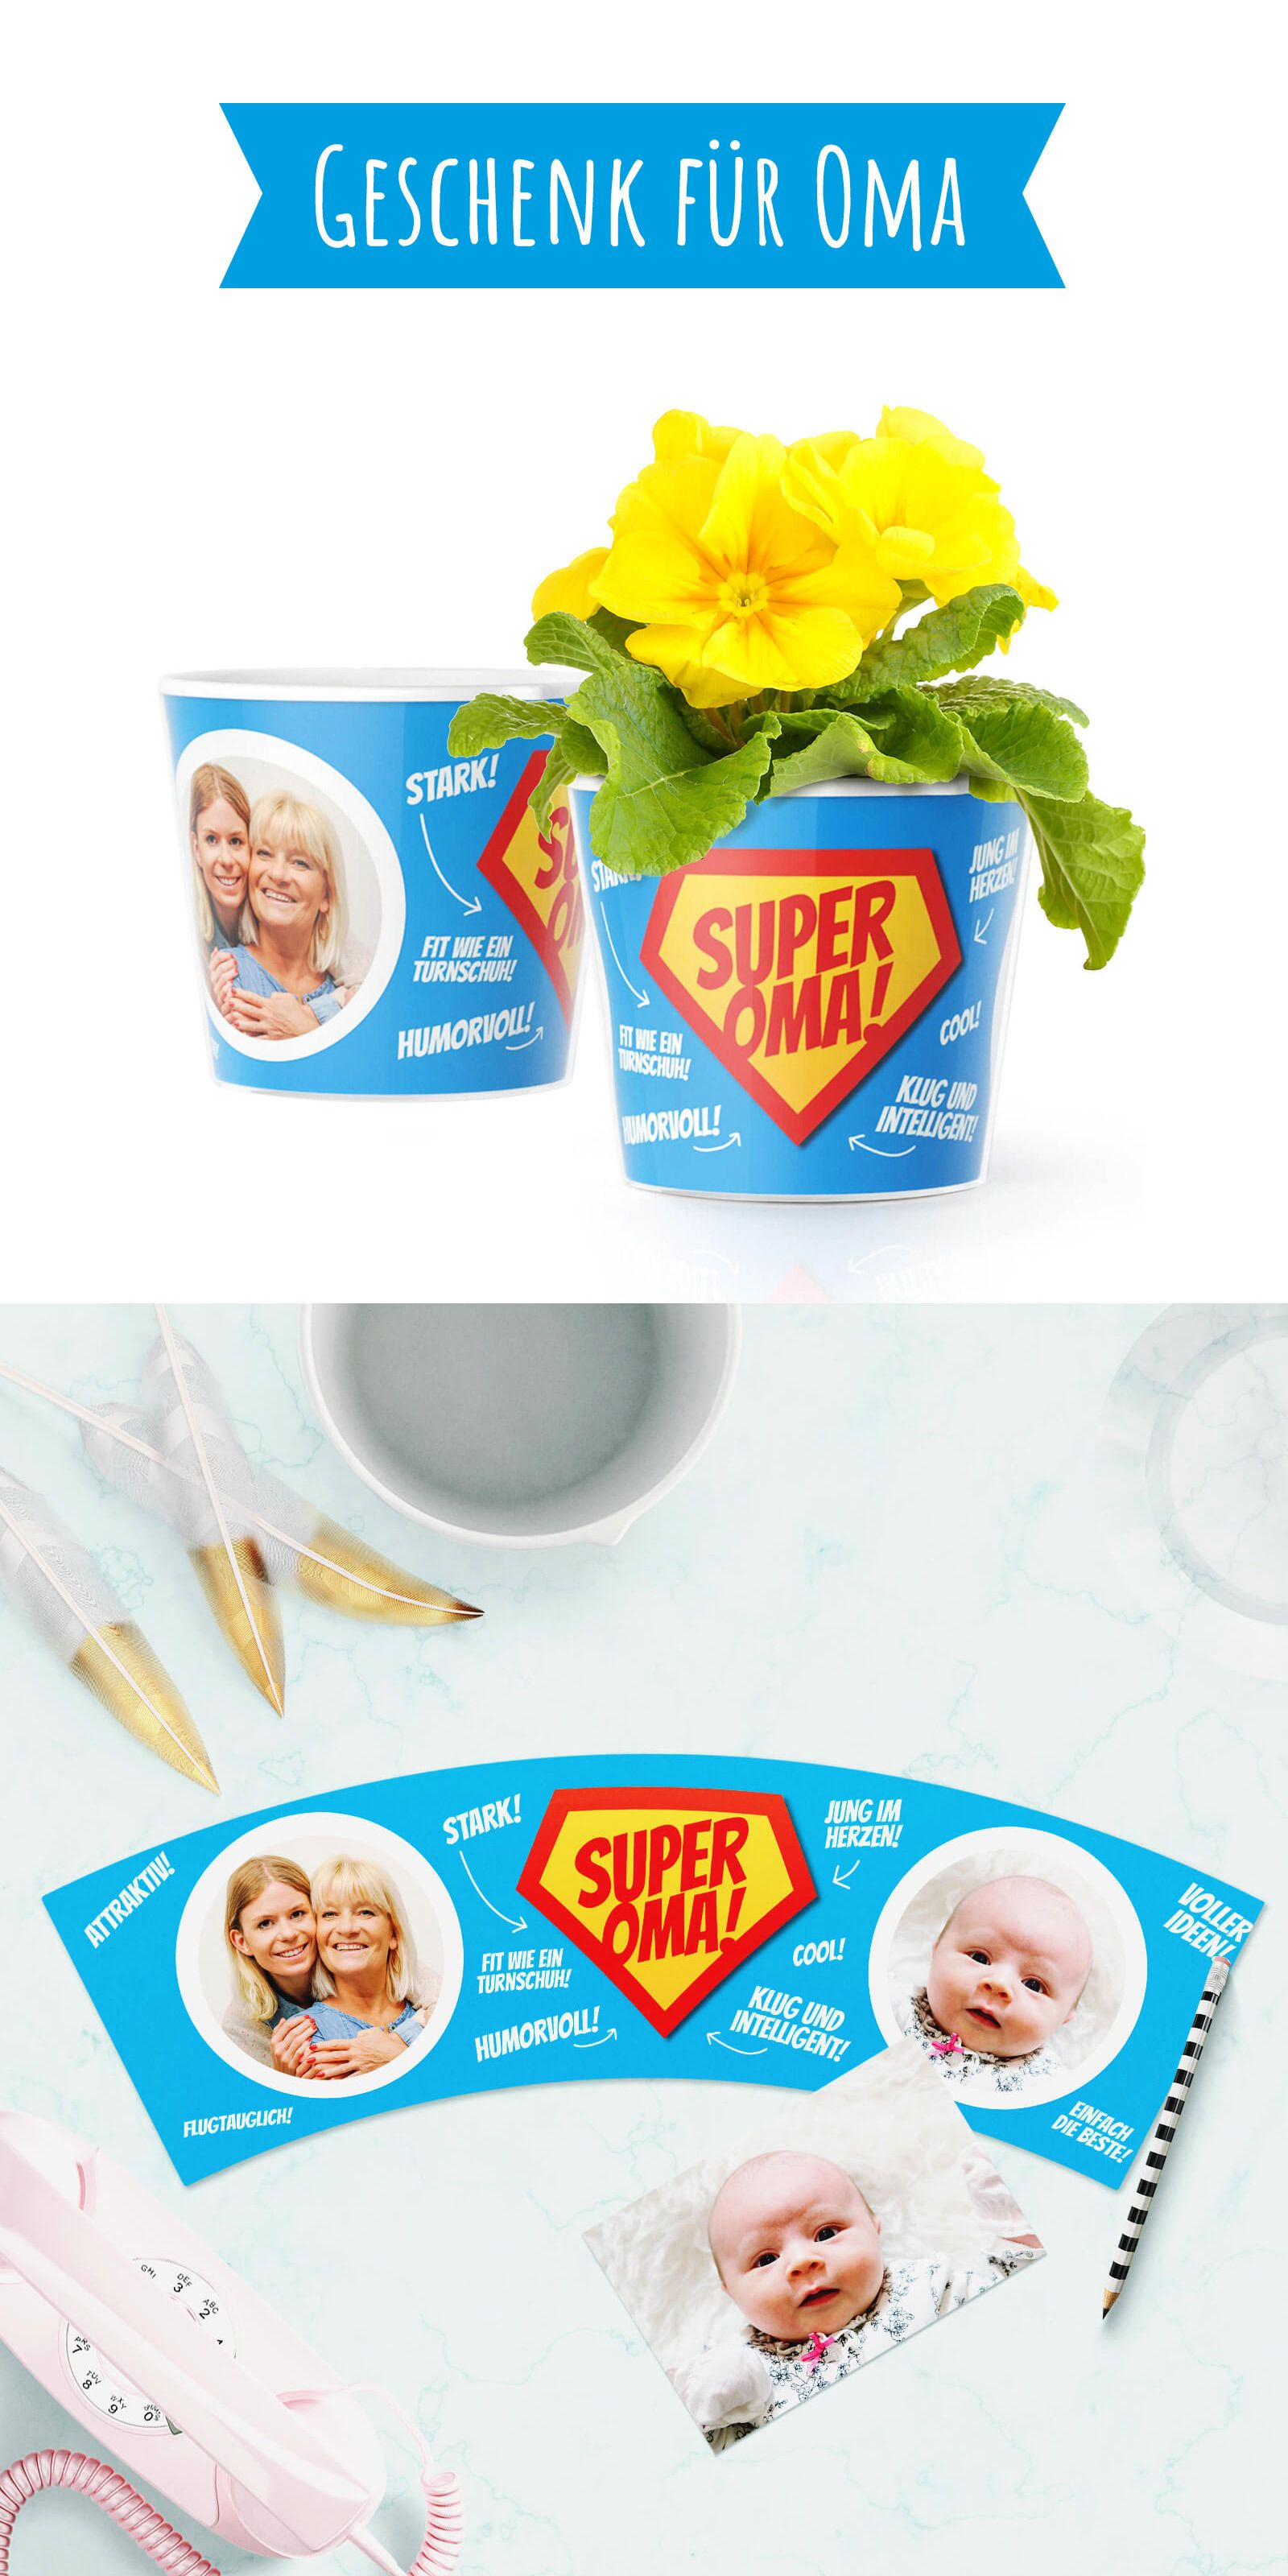 Super Oma! Super Oma Geschenk für eine Super Oma! Ob ein lustiges ...